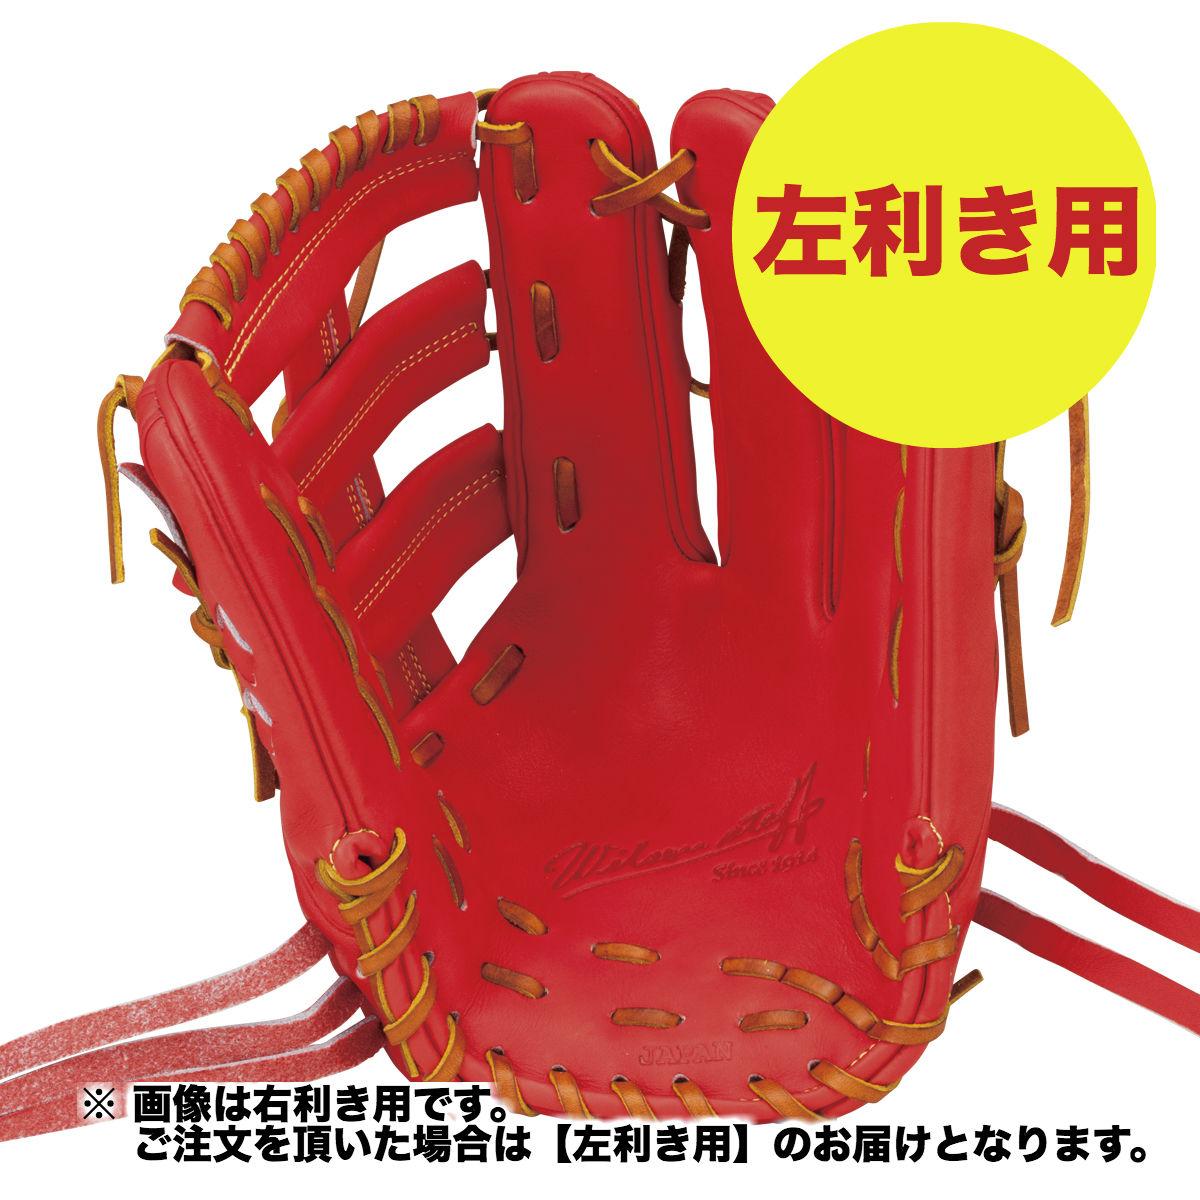 ウィルソン(Wilson) 硬式用 Wilson Staff デュアル 外野手用 D8D 硬式用グラブ (左利き用) メンズ WTAHWQD8D-22-R